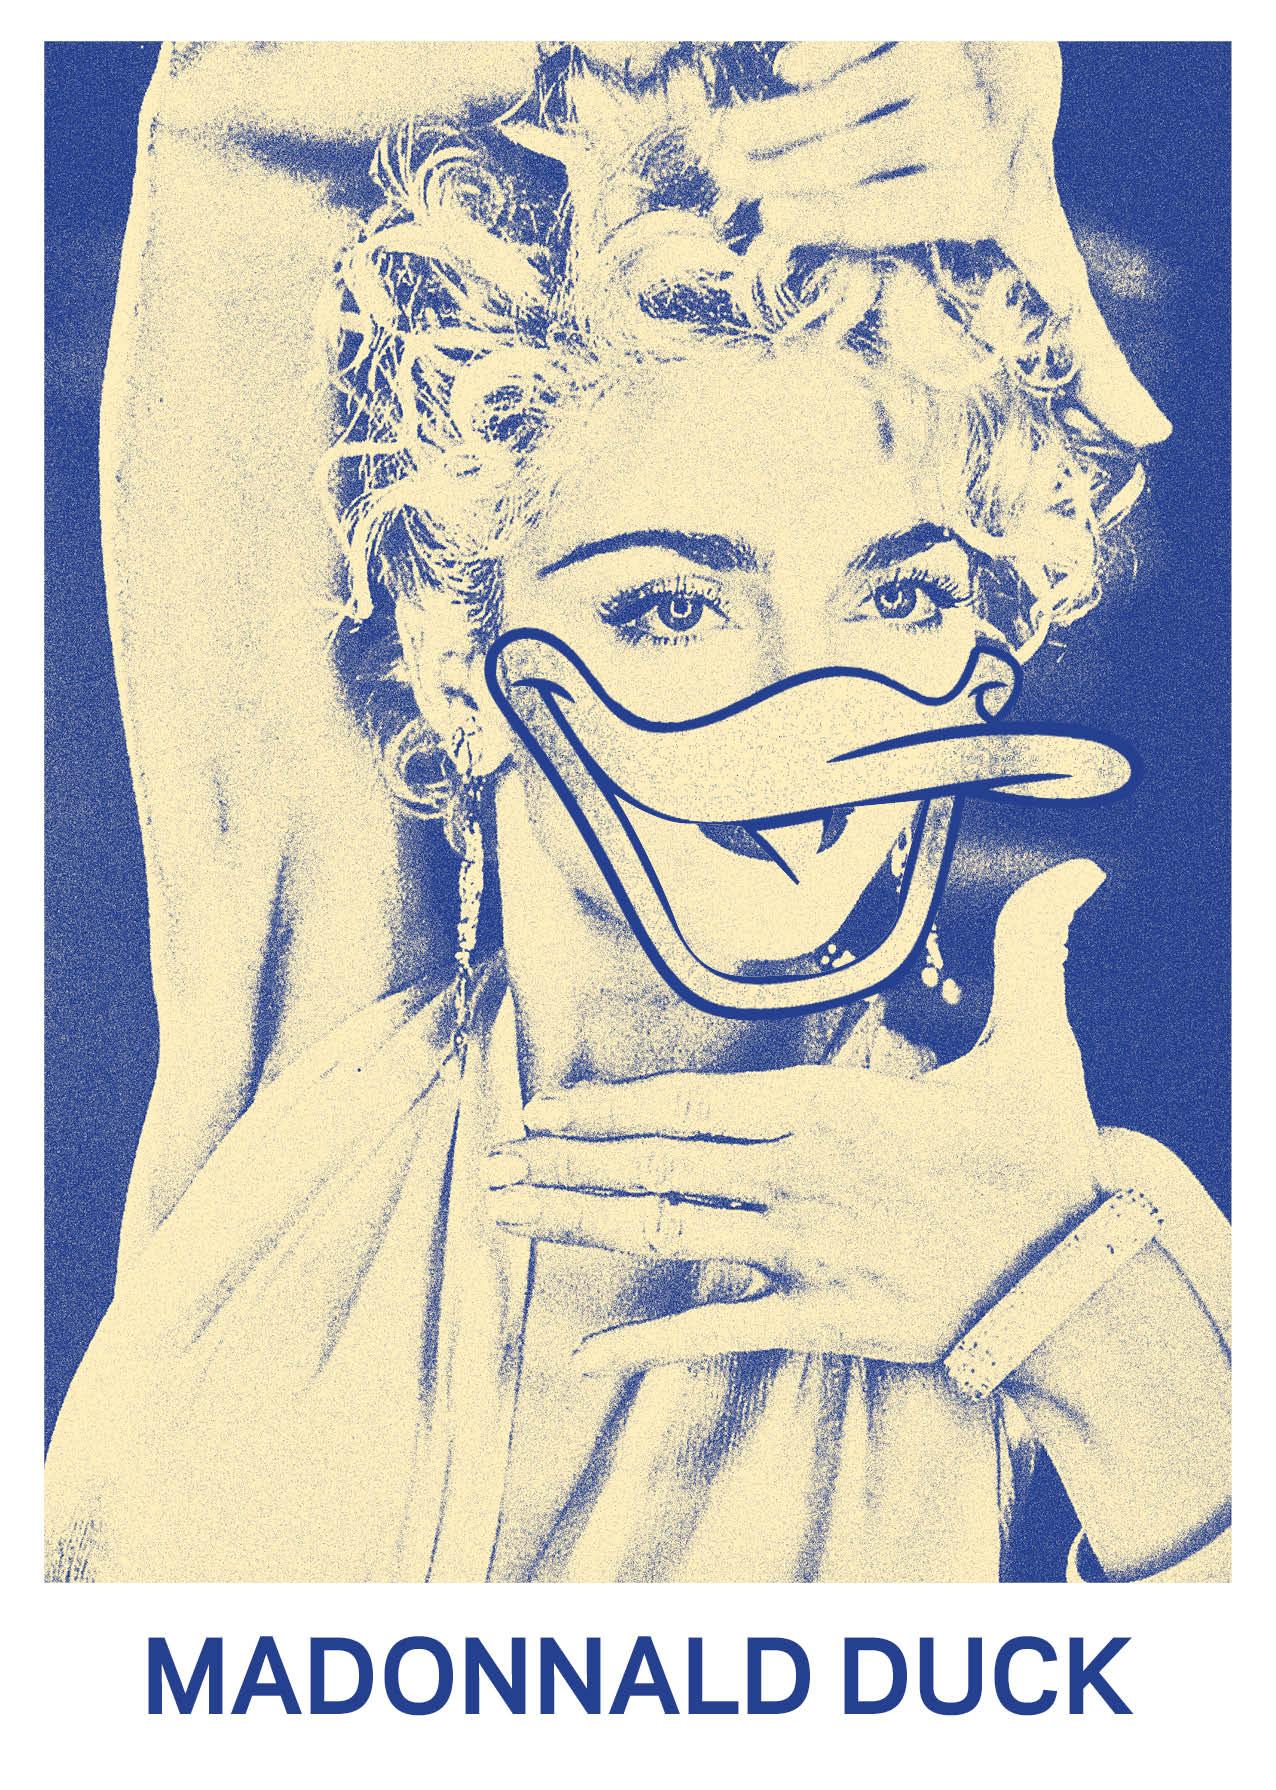 Madonnald-duck-min